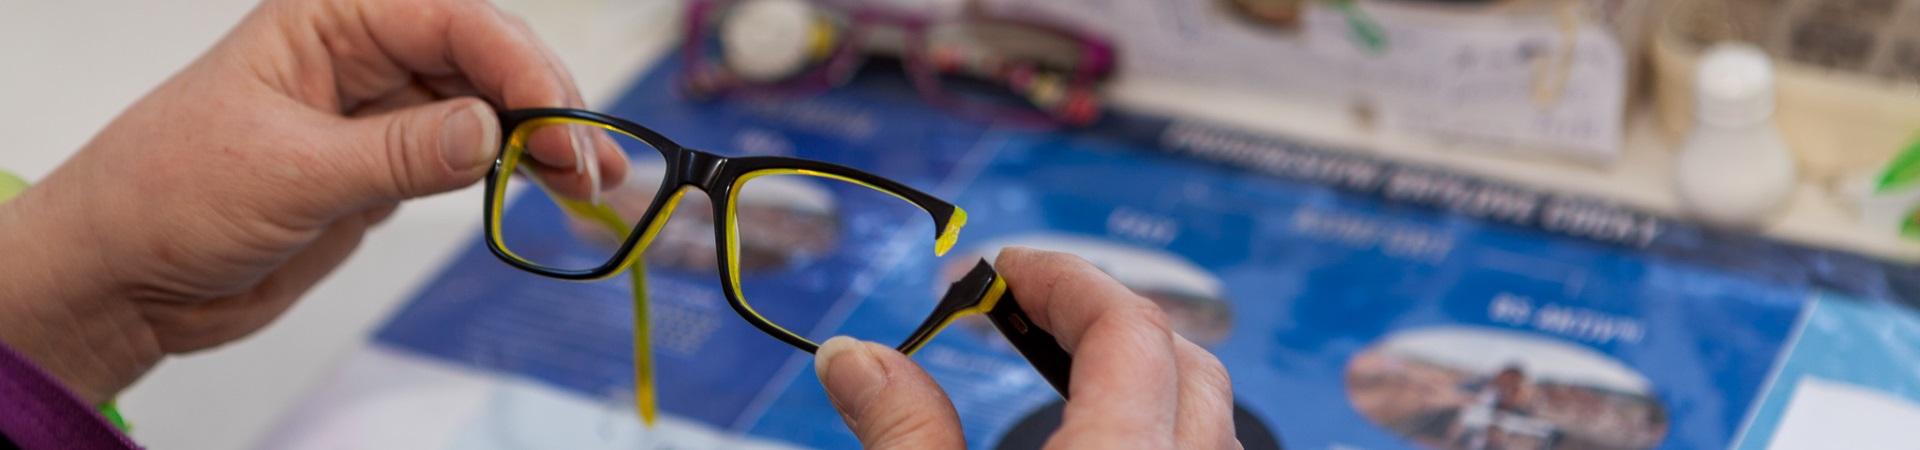 Opravy dioptrických brýlí v Praze Stodůlky